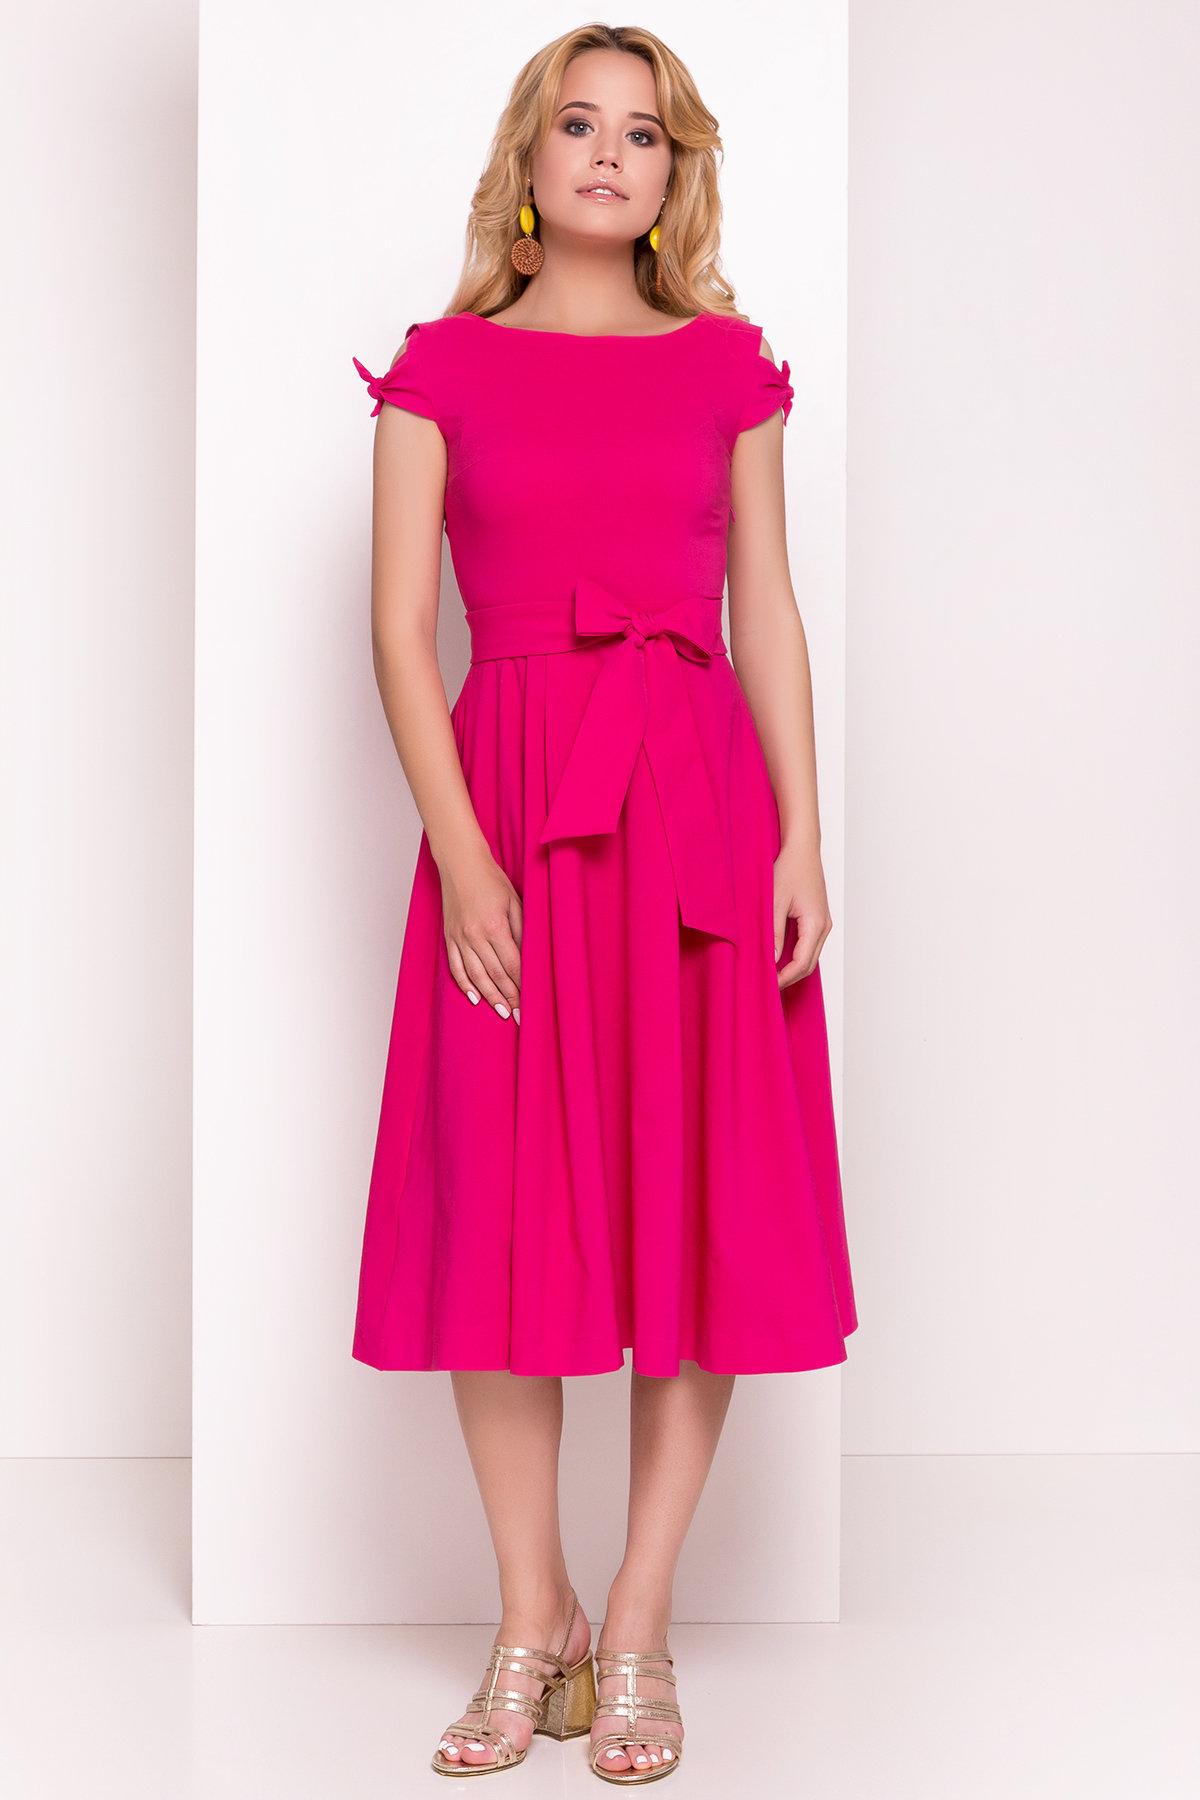 купить платье в Харькове Платье Жадор 5125